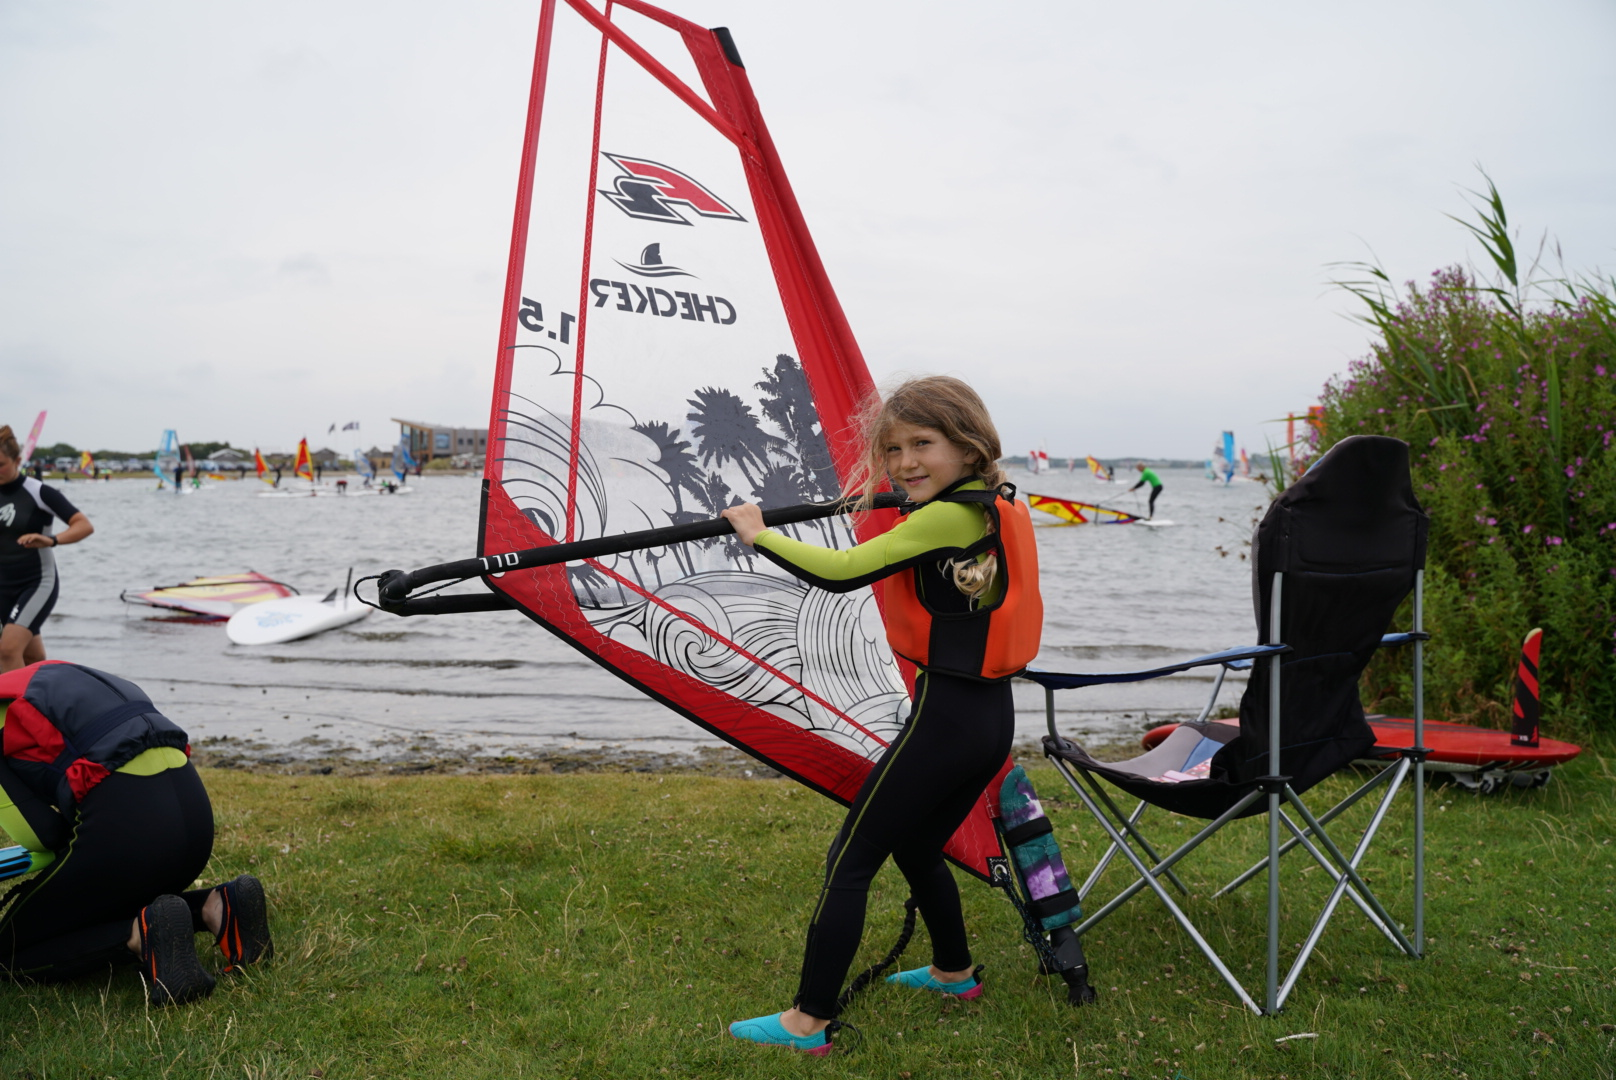 Sommerferien 2019. Windsurfen am Brouwersdam in den Niederlanden – Grevelingermeer. Wunderbar. Keine wollte mehr weg...